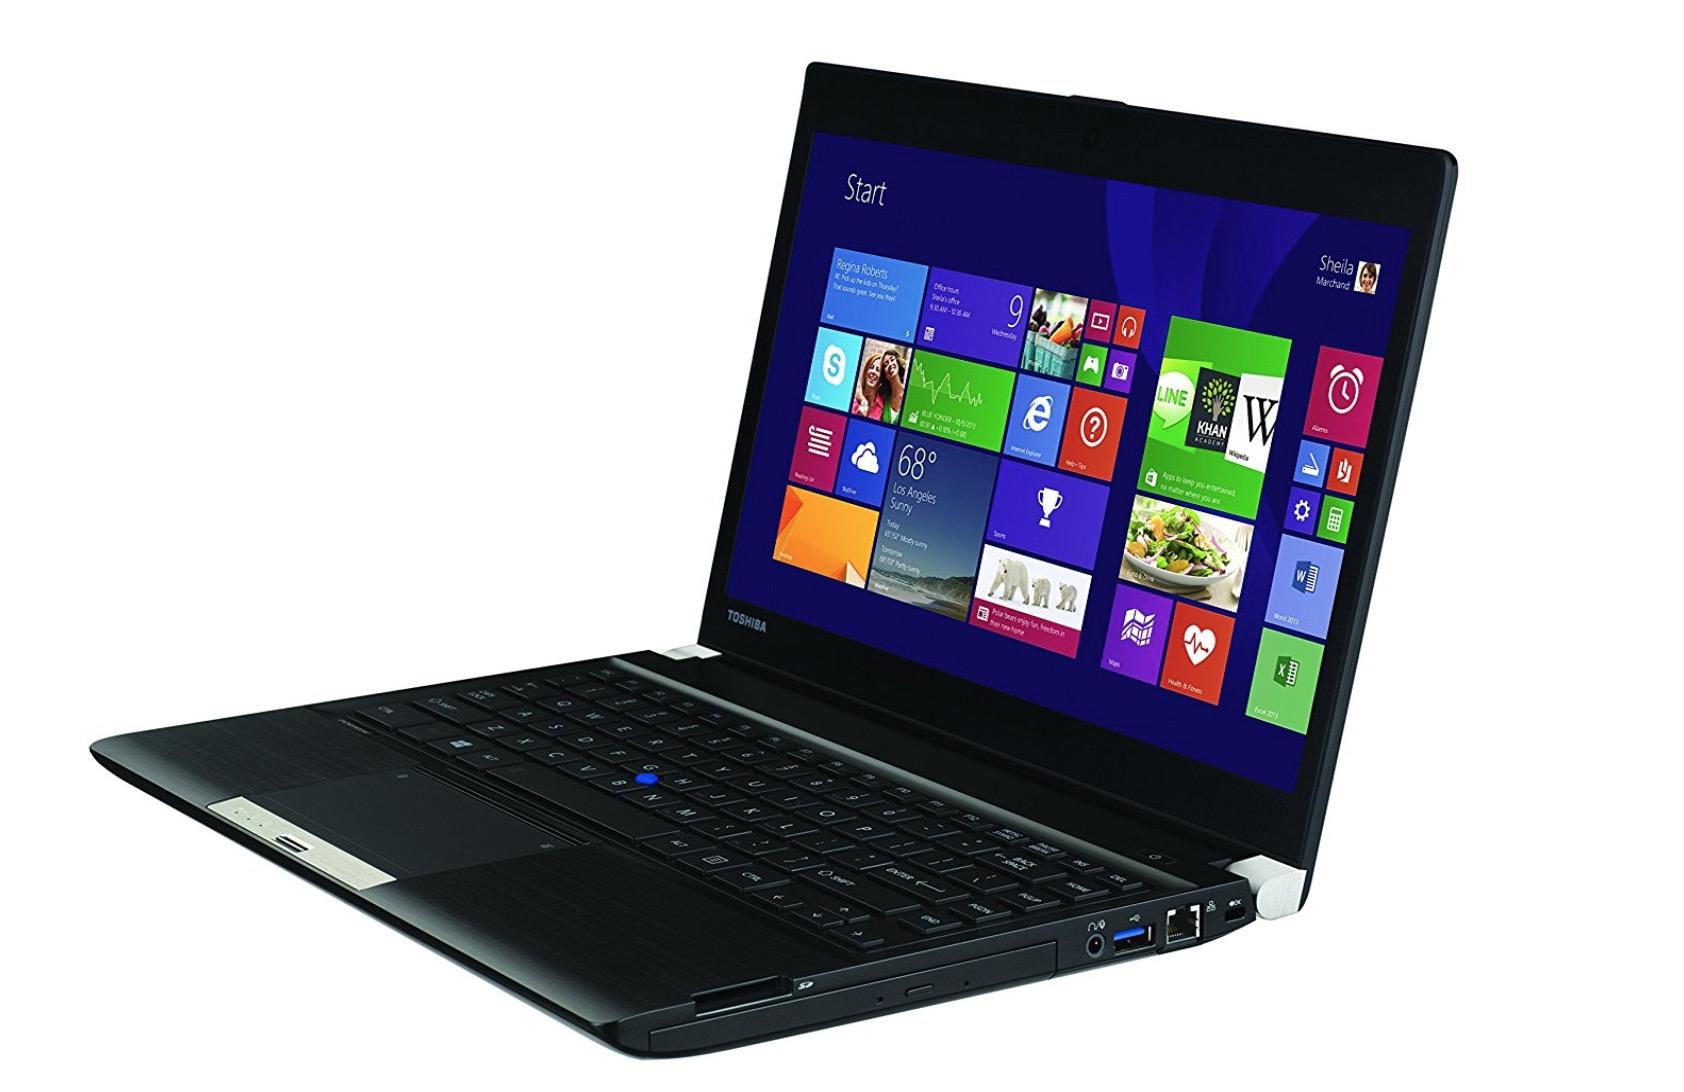 Notebook Toshiba R30 A 1CD Portégé